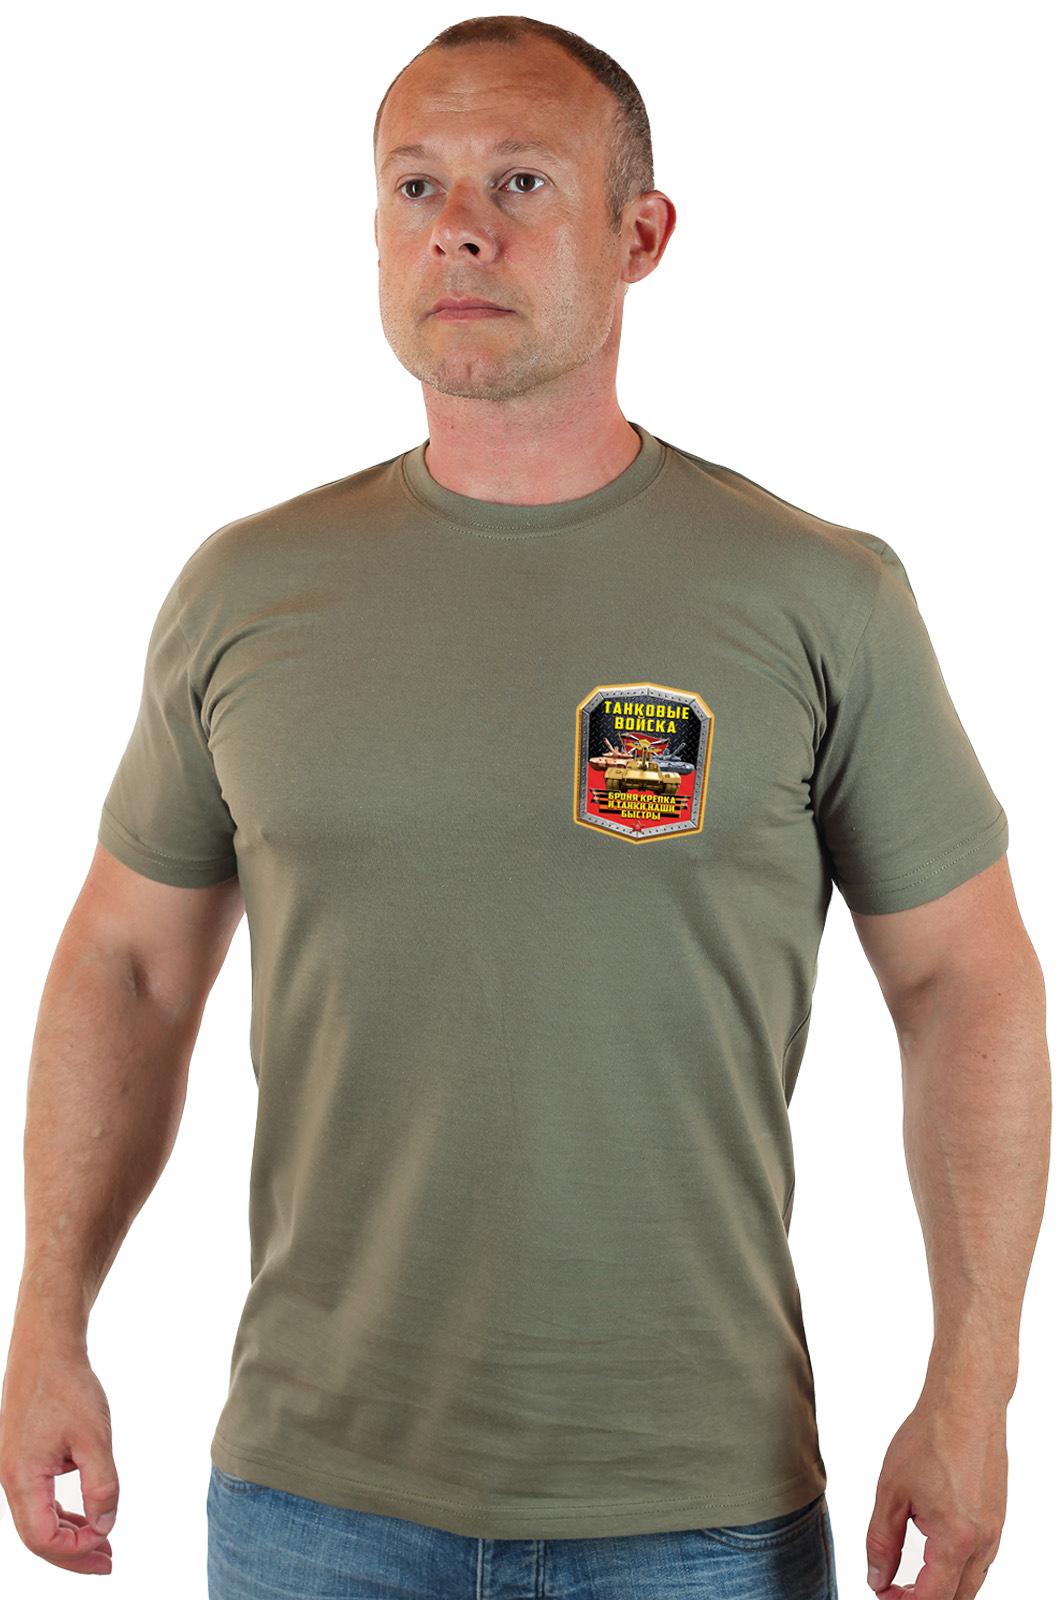 Продажа мужских футболок в танковом дизайне